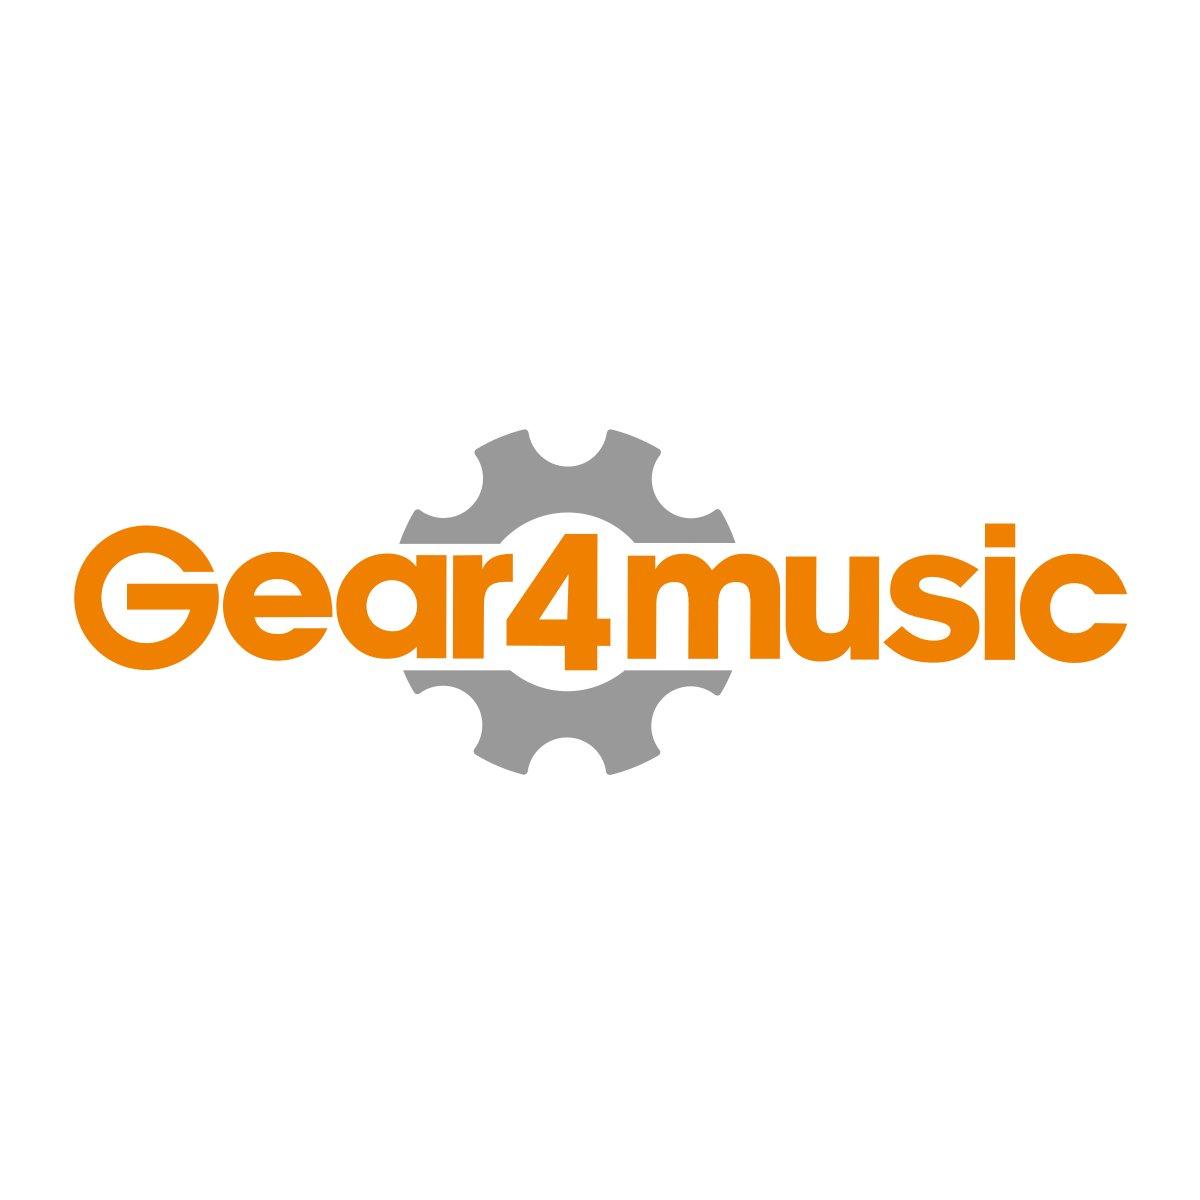 Elektroakustische Bassgitarre von Gear4music, Linkshändermodell